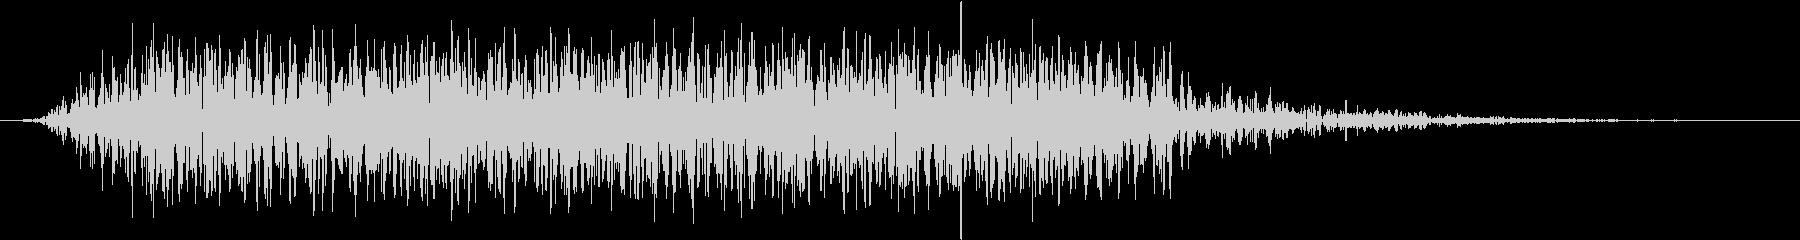 モンスター 悲鳴 51の未再生の波形